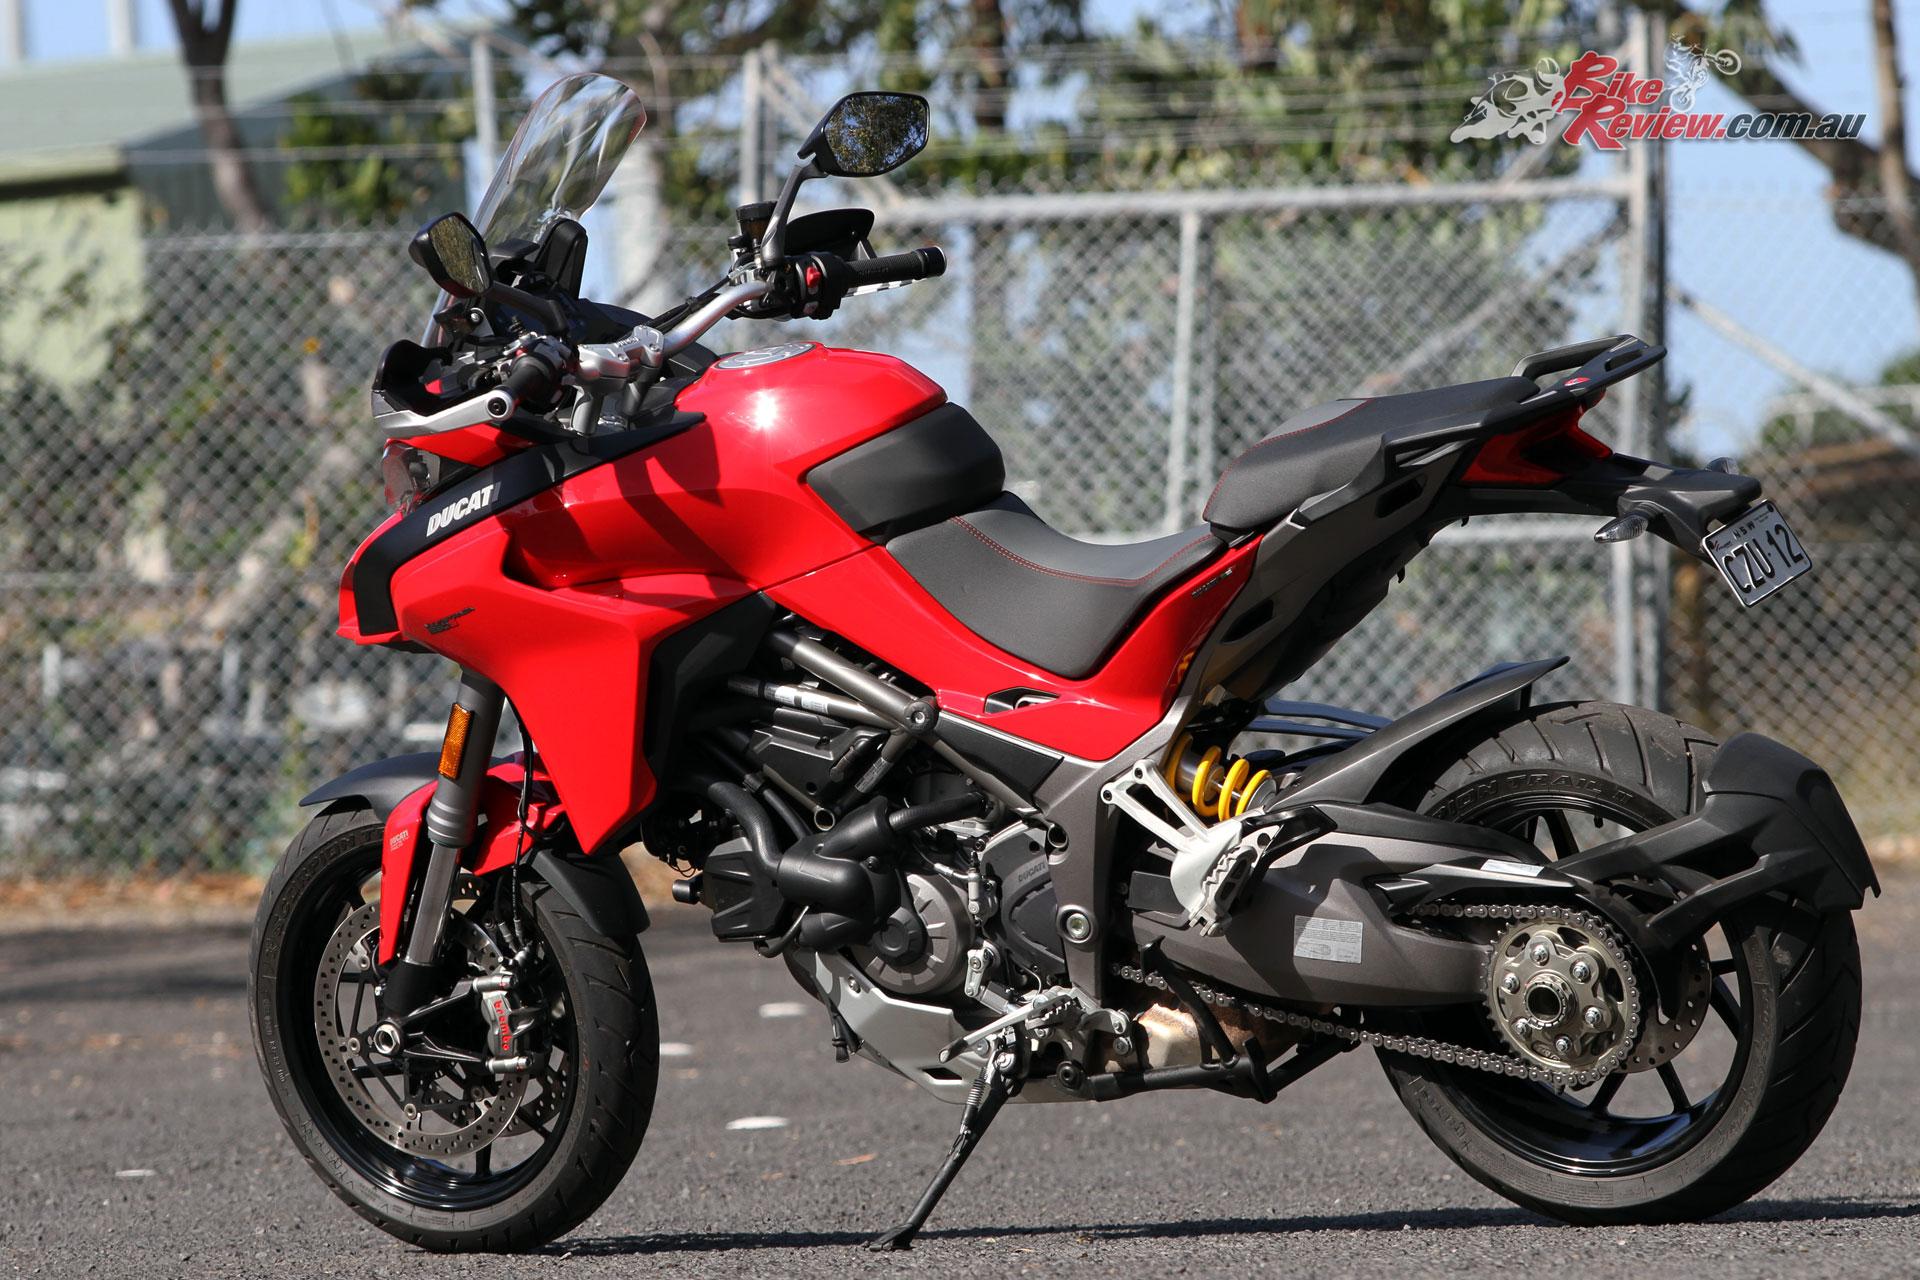 Video Review Ducati Multistrada 1260 S Bike Review